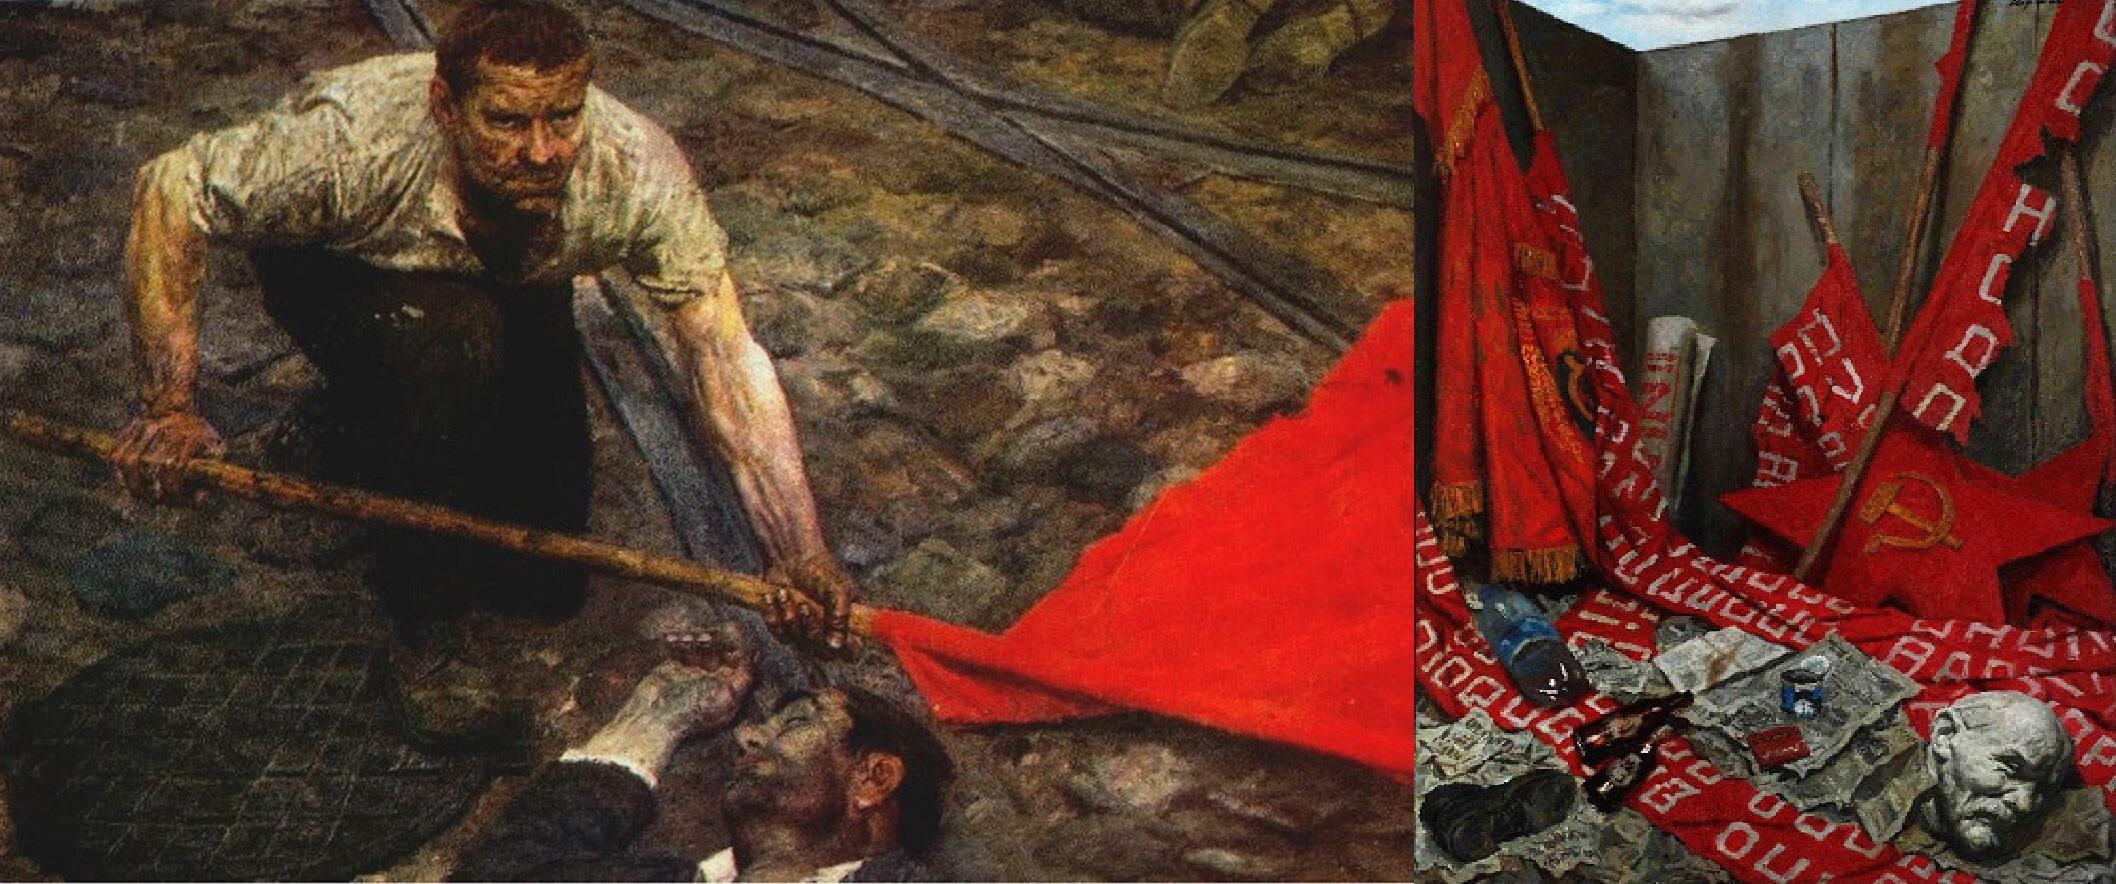 Г. Коржев. 2 картины